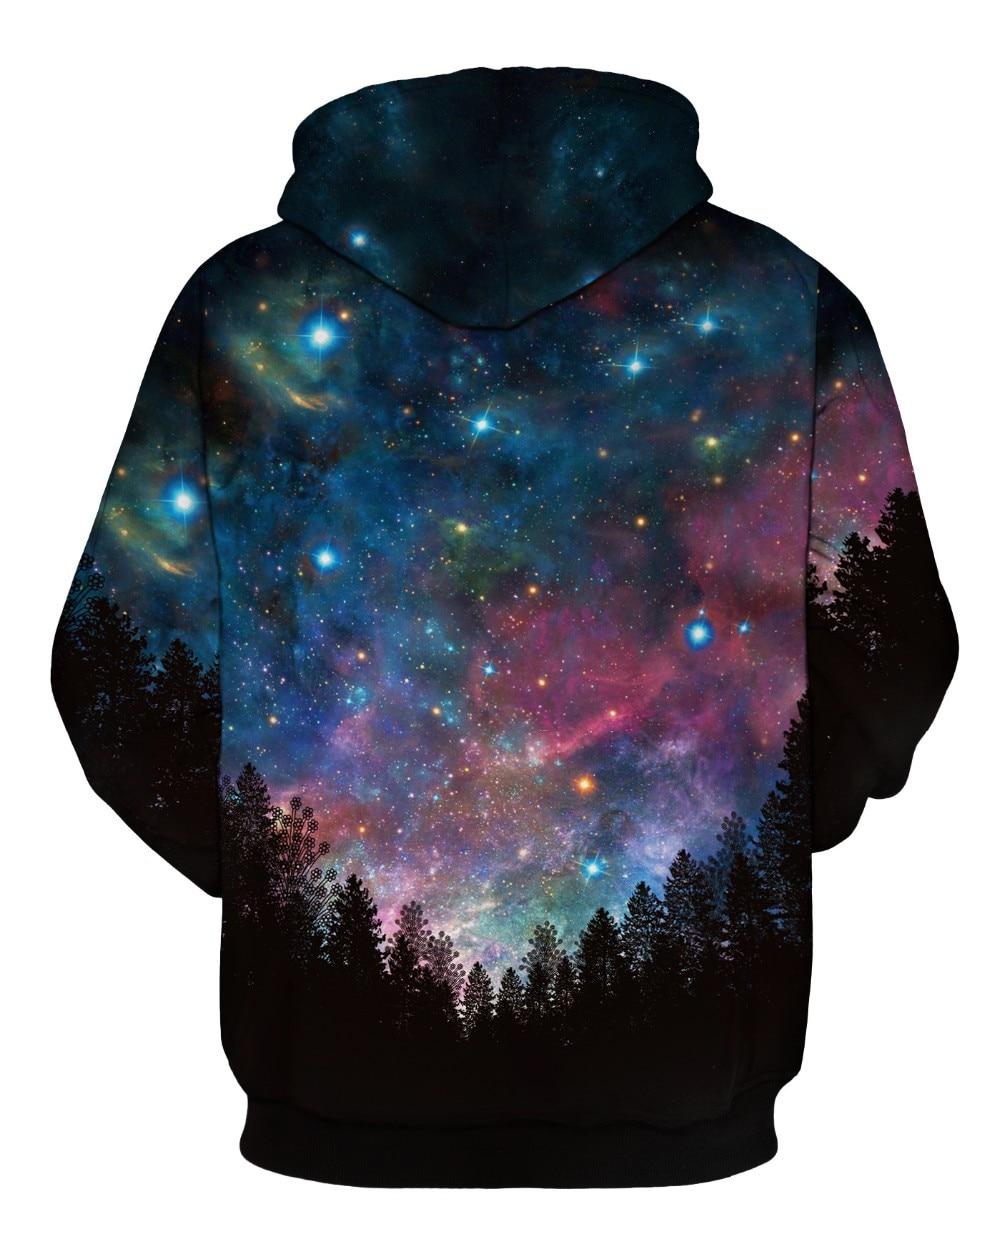 Hoodies Space Galaxy Sweatshirt 3D Hoodies Space Galaxy Sweatshirt 3D HTB1YXrVNVXXXXacXXXXq6xXFXXXO